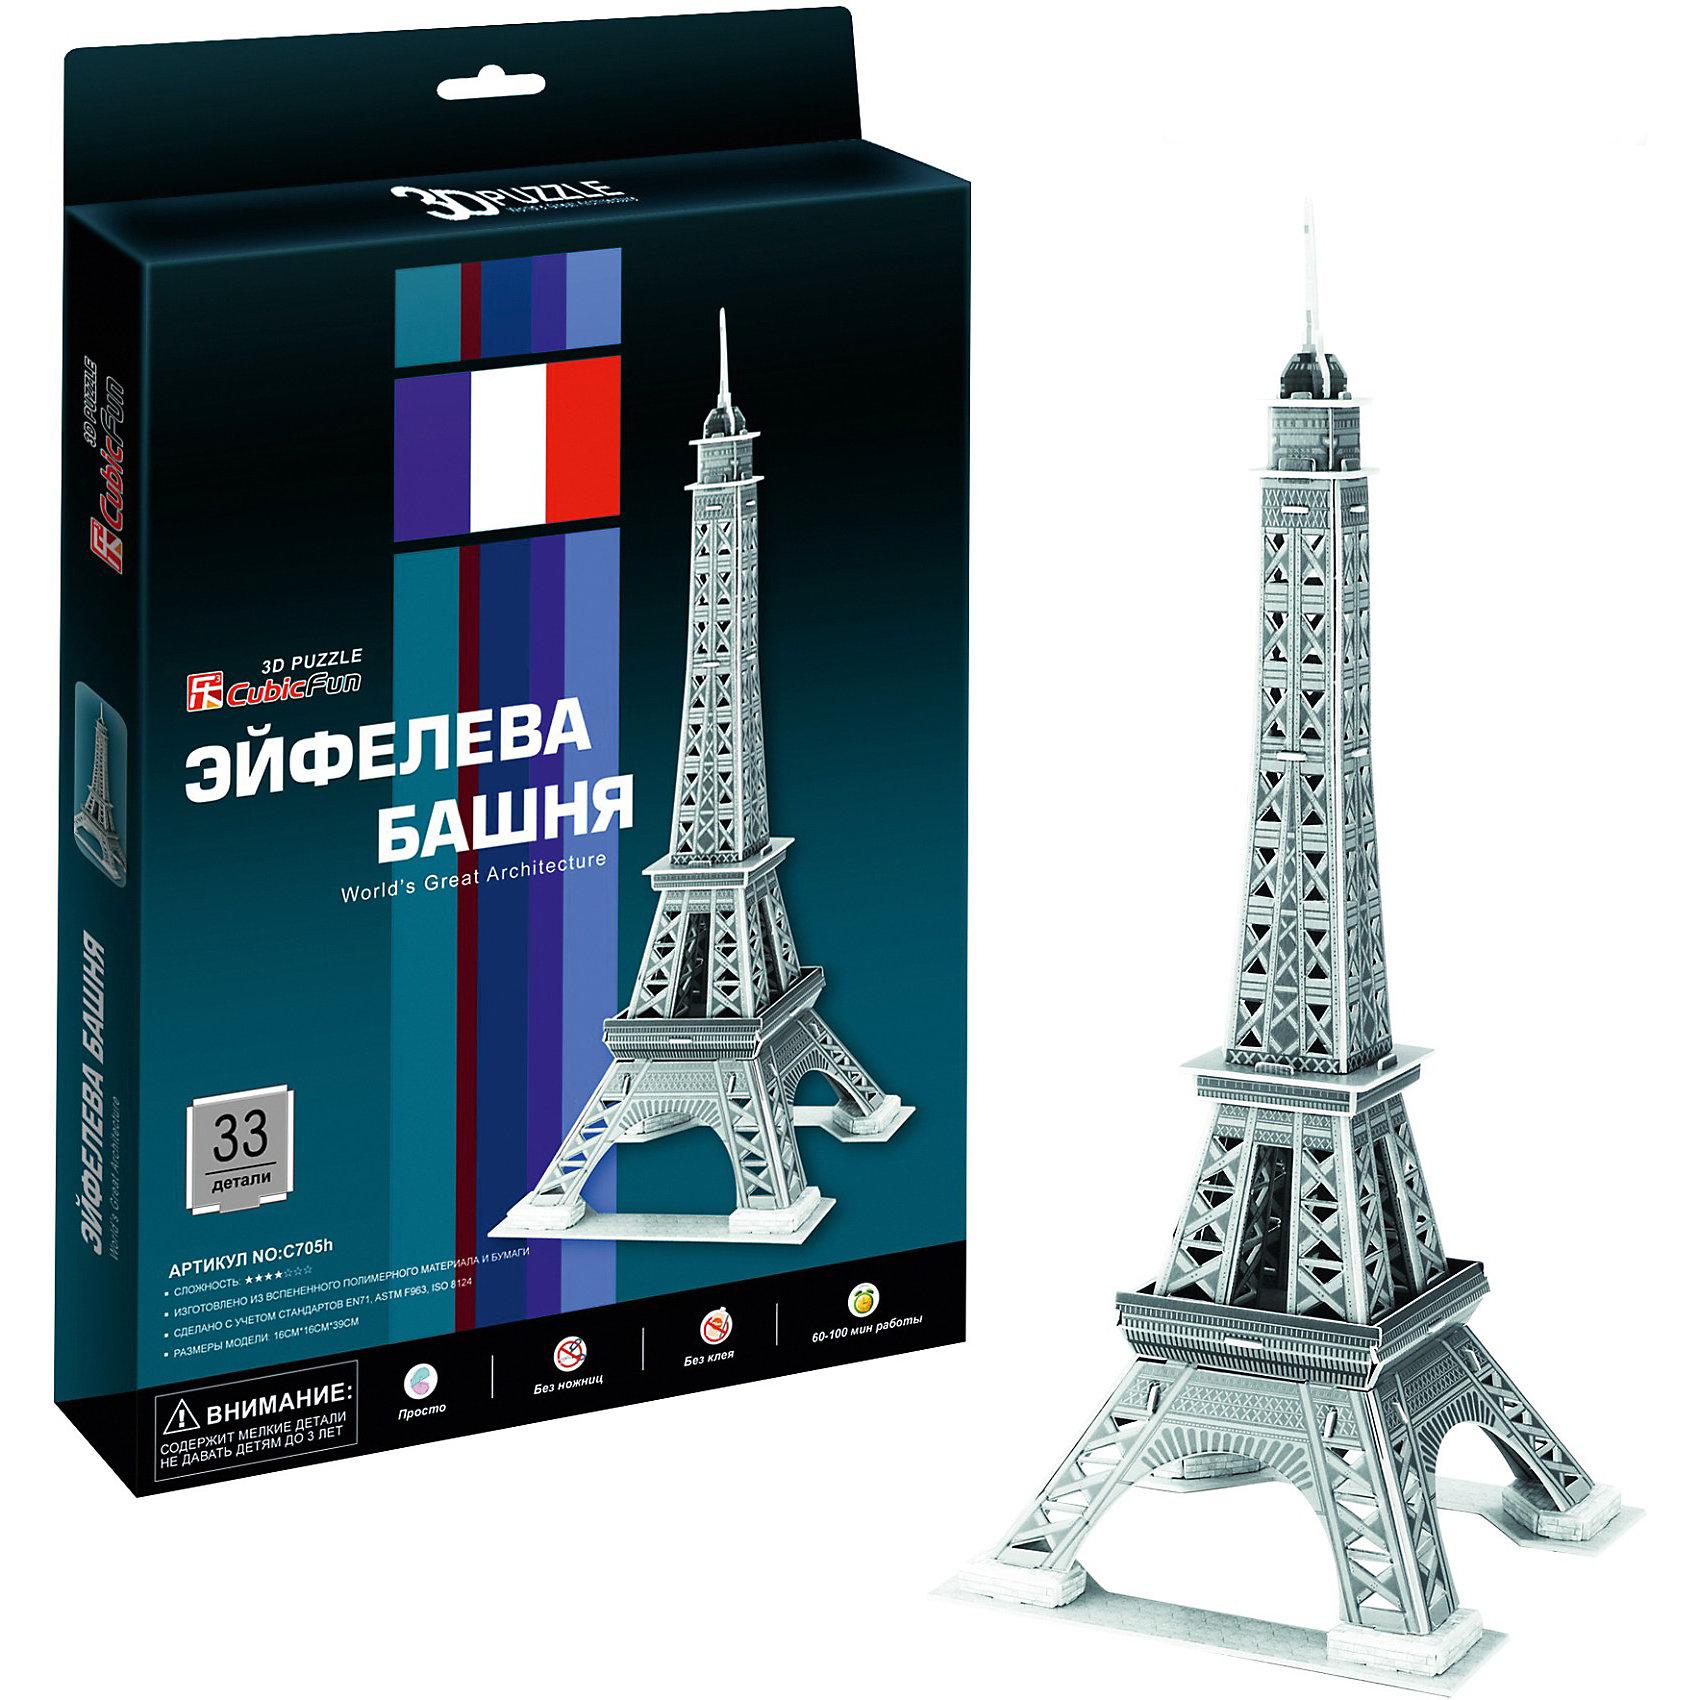 CubicFun Пазл 3D Эйфелева Башня 2 (Париж), 33 детали, CubicFun конструкторы cubicfun 3d пазл эйфелева башня 2 франция